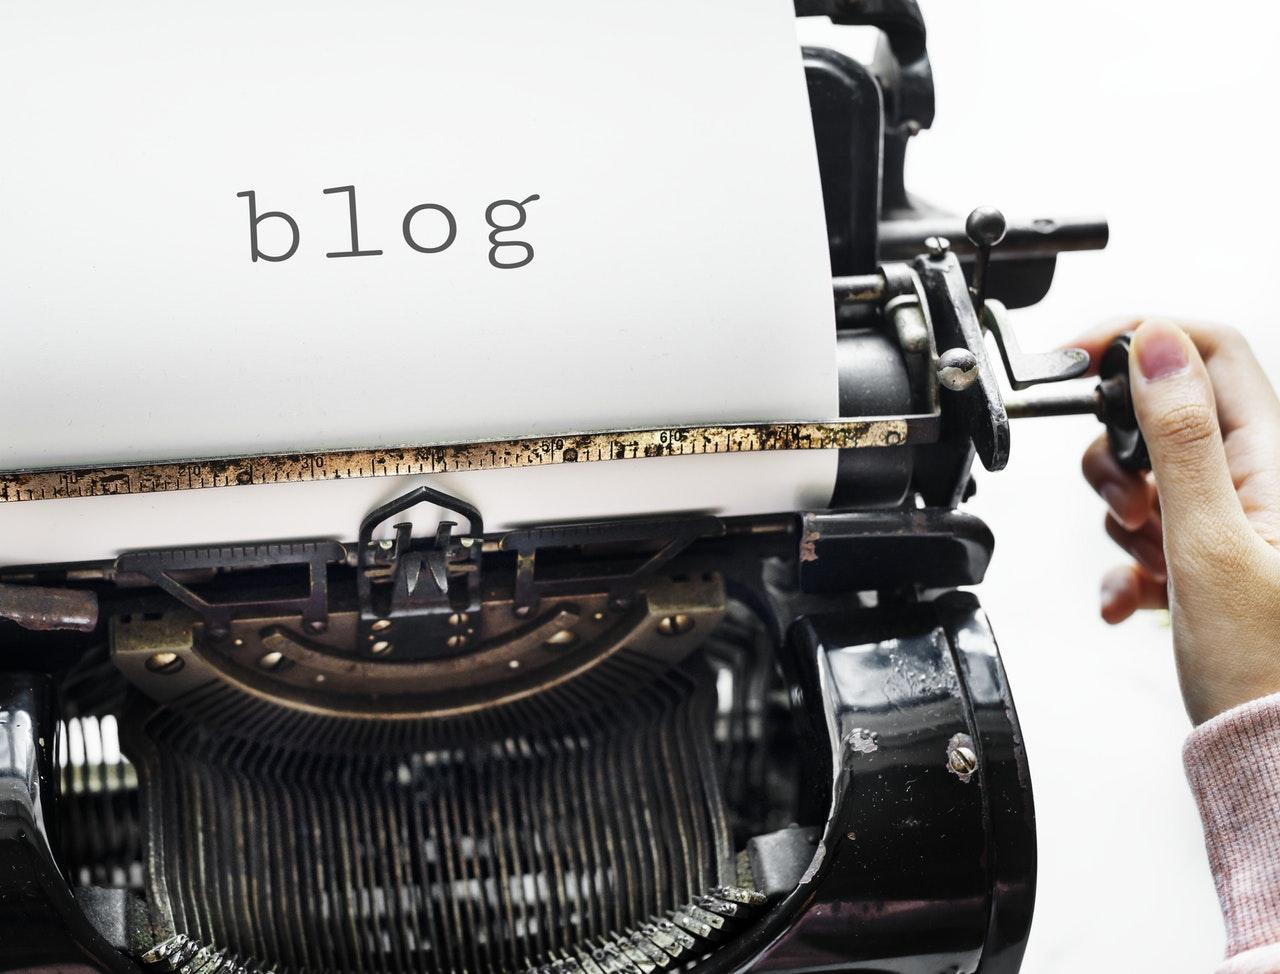 Start Blog in 2018